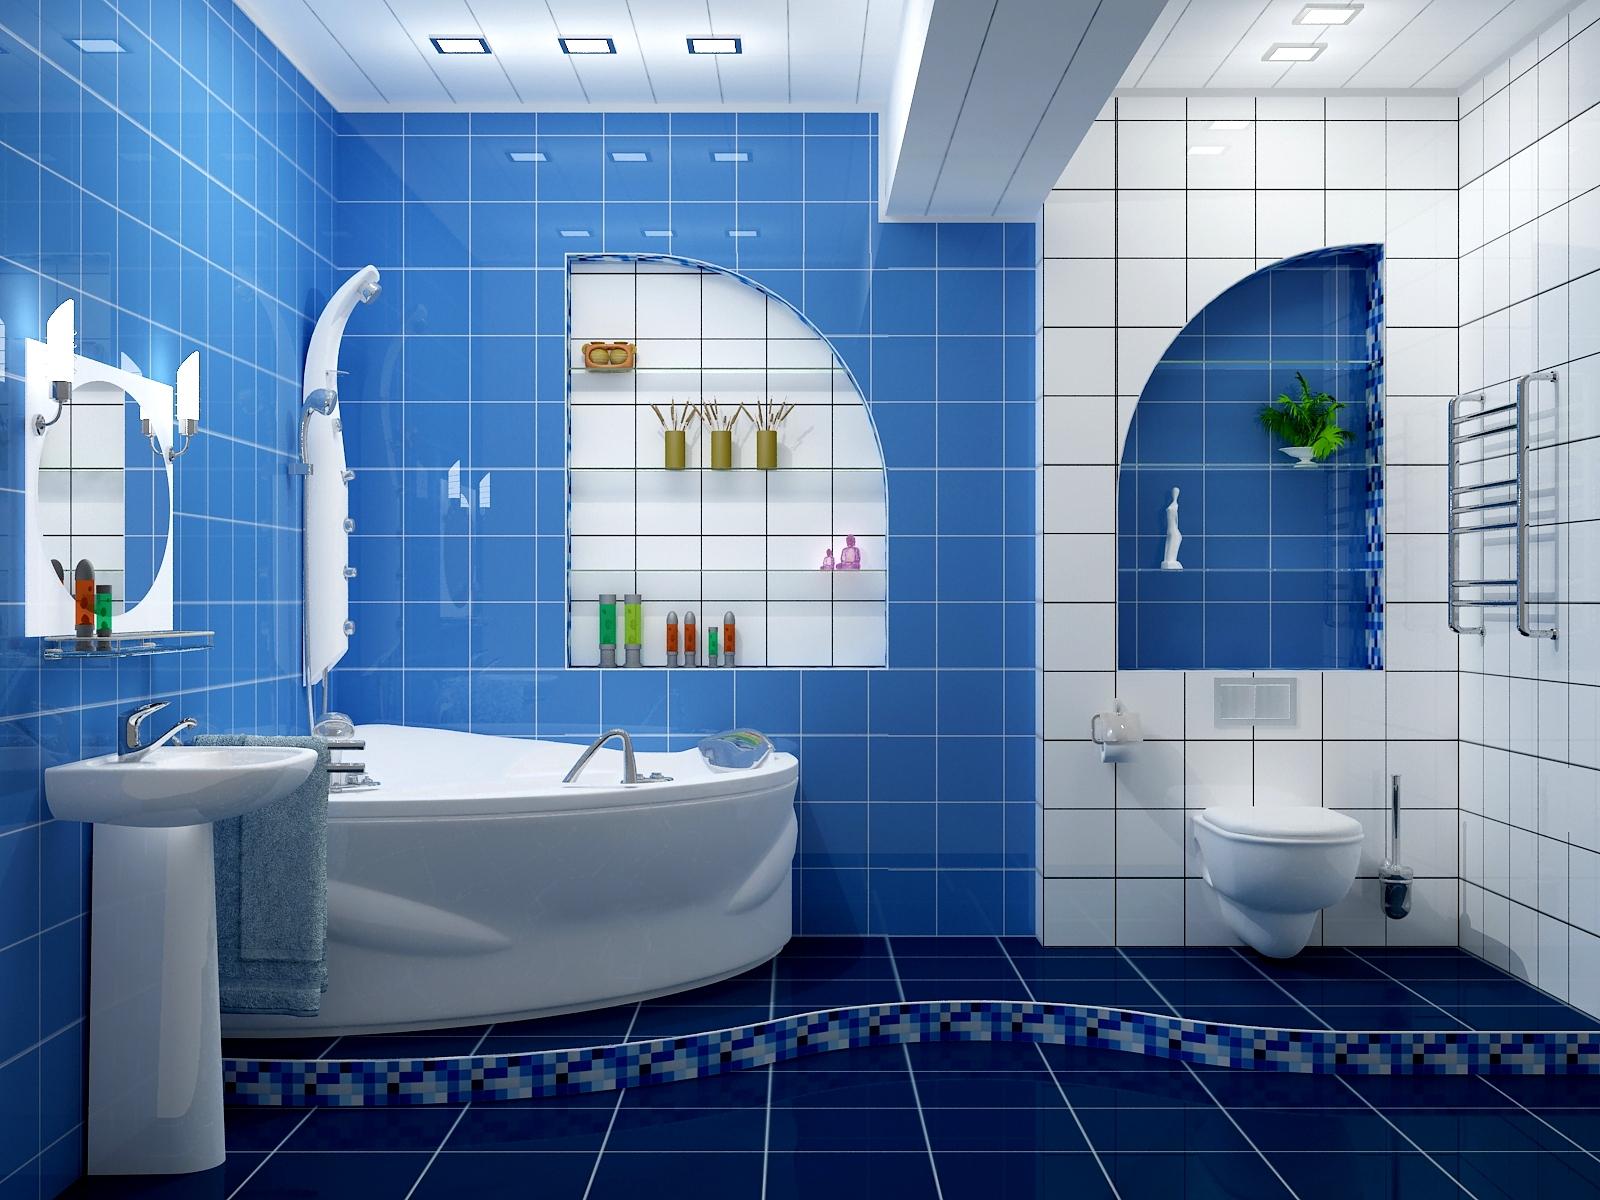 Советы по ремонту ванной комнаты и туалета